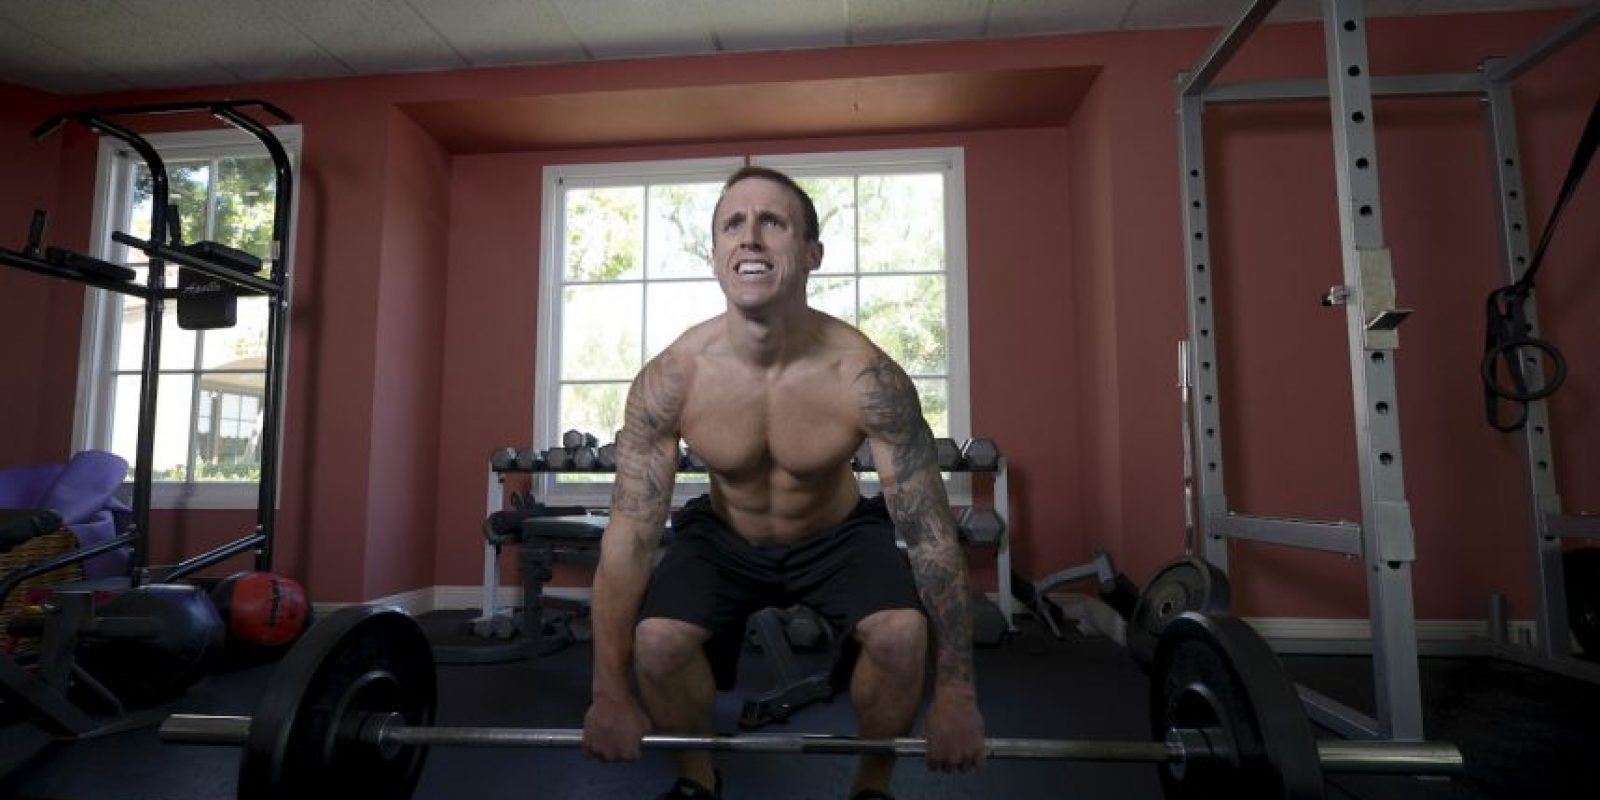 El ejercicio siempre debe ser supervisado por un profesional. Foto:Getty Images